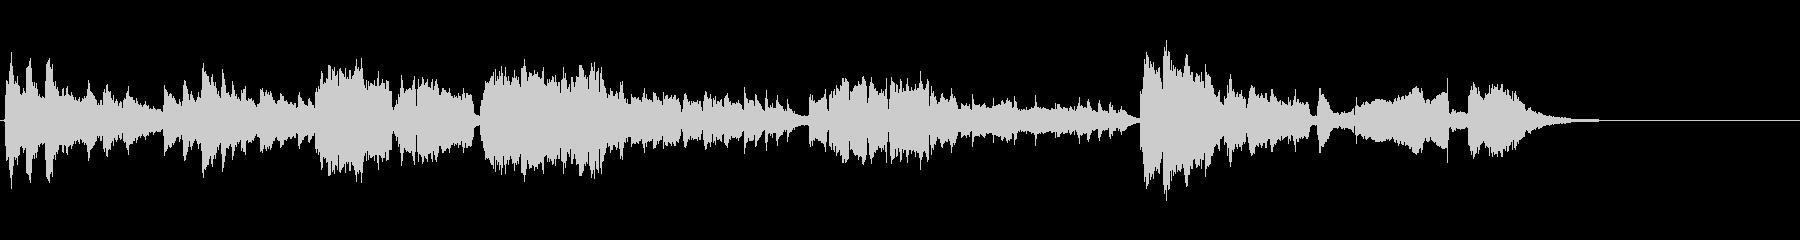 【さくらさくら】をソプラノと和楽器が表現の未再生の波形